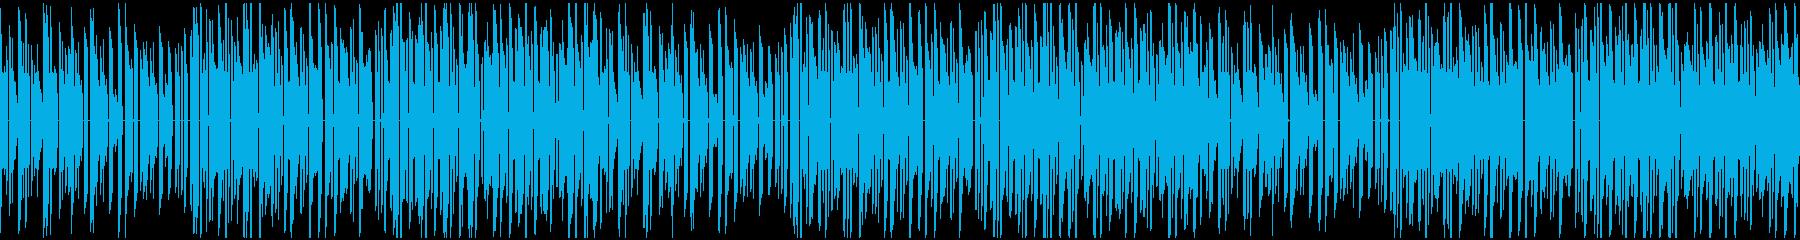 冒険が始まりそうなファミコンっぽいBGMの再生済みの波形